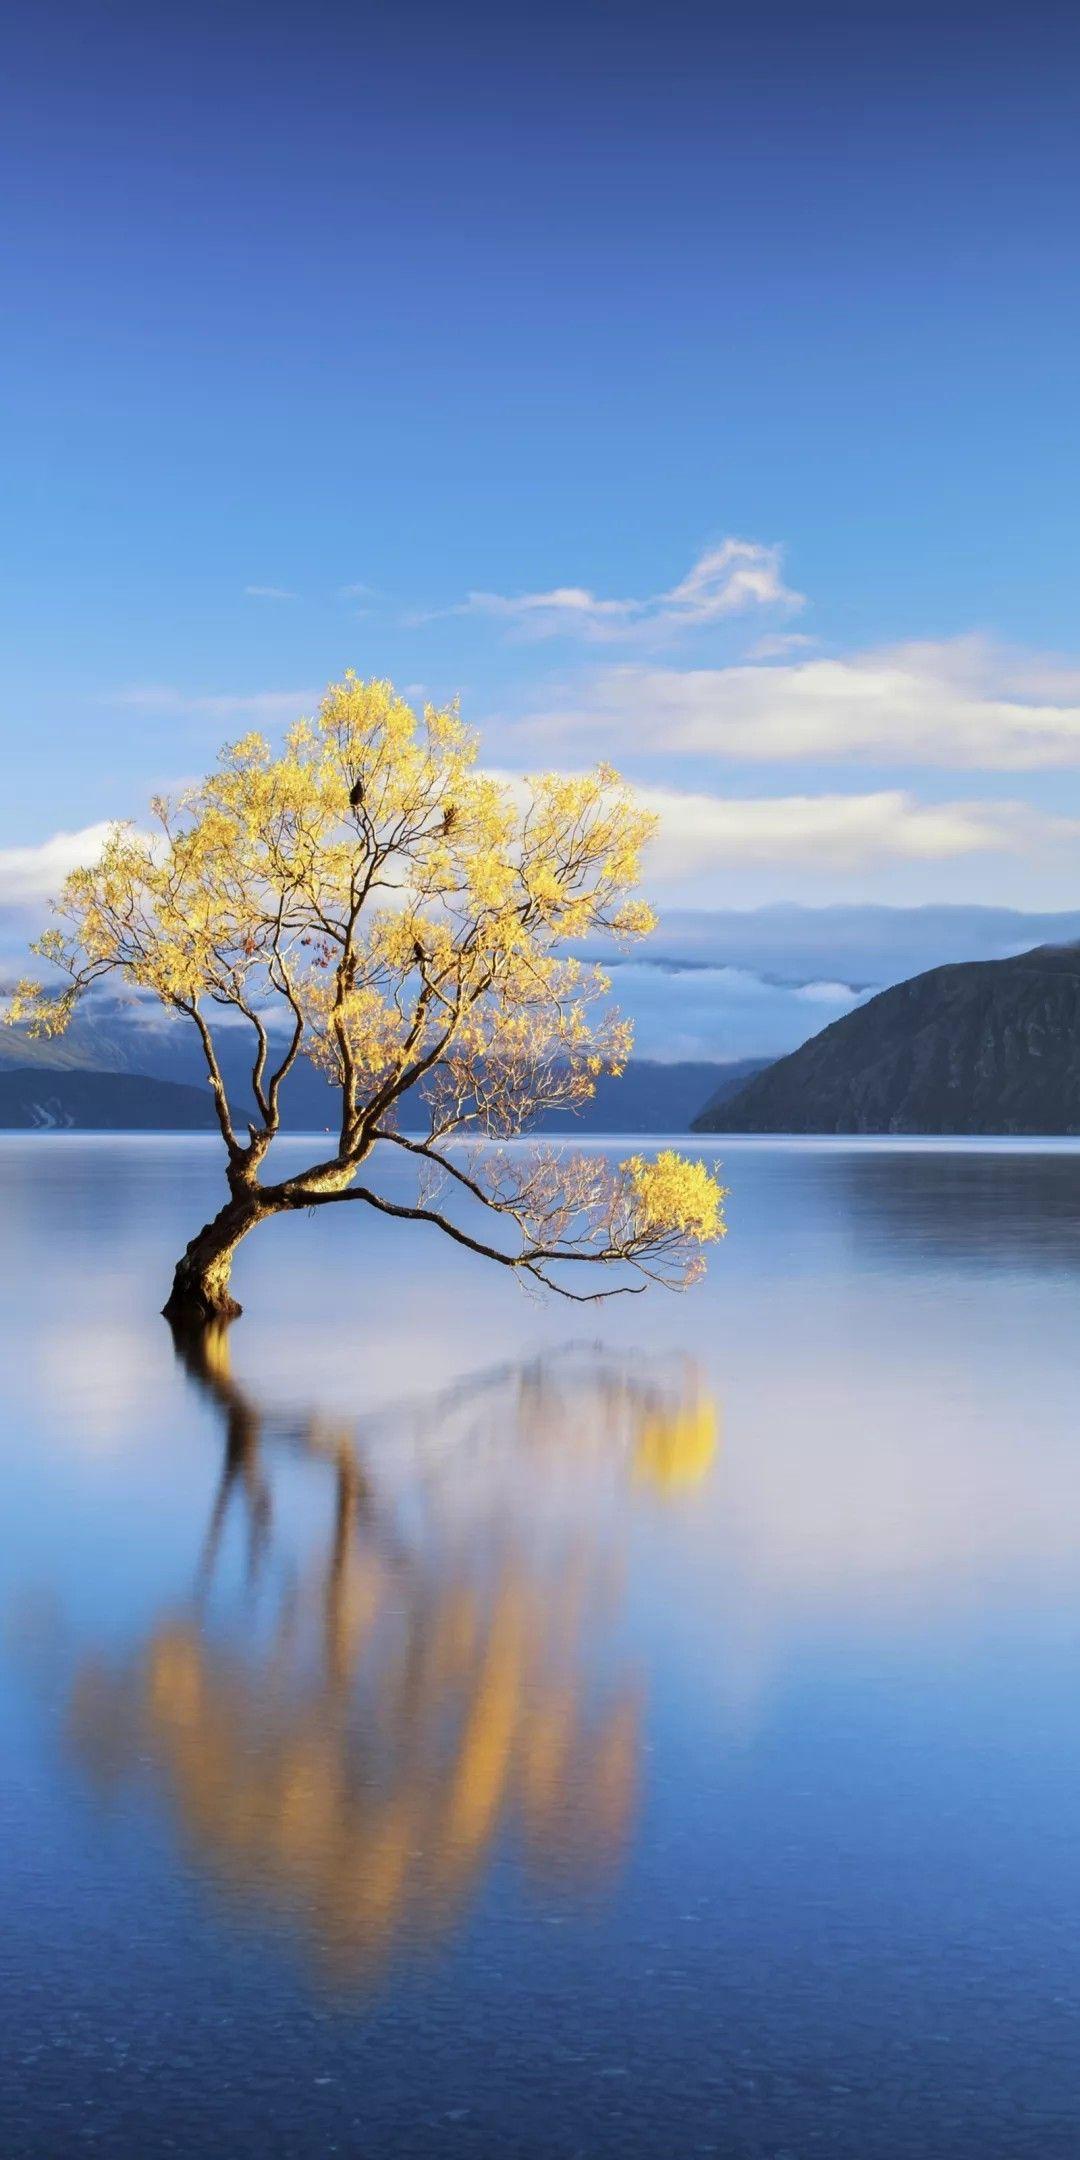 Wanaka Tree, New Zealand Travel the World in 2019